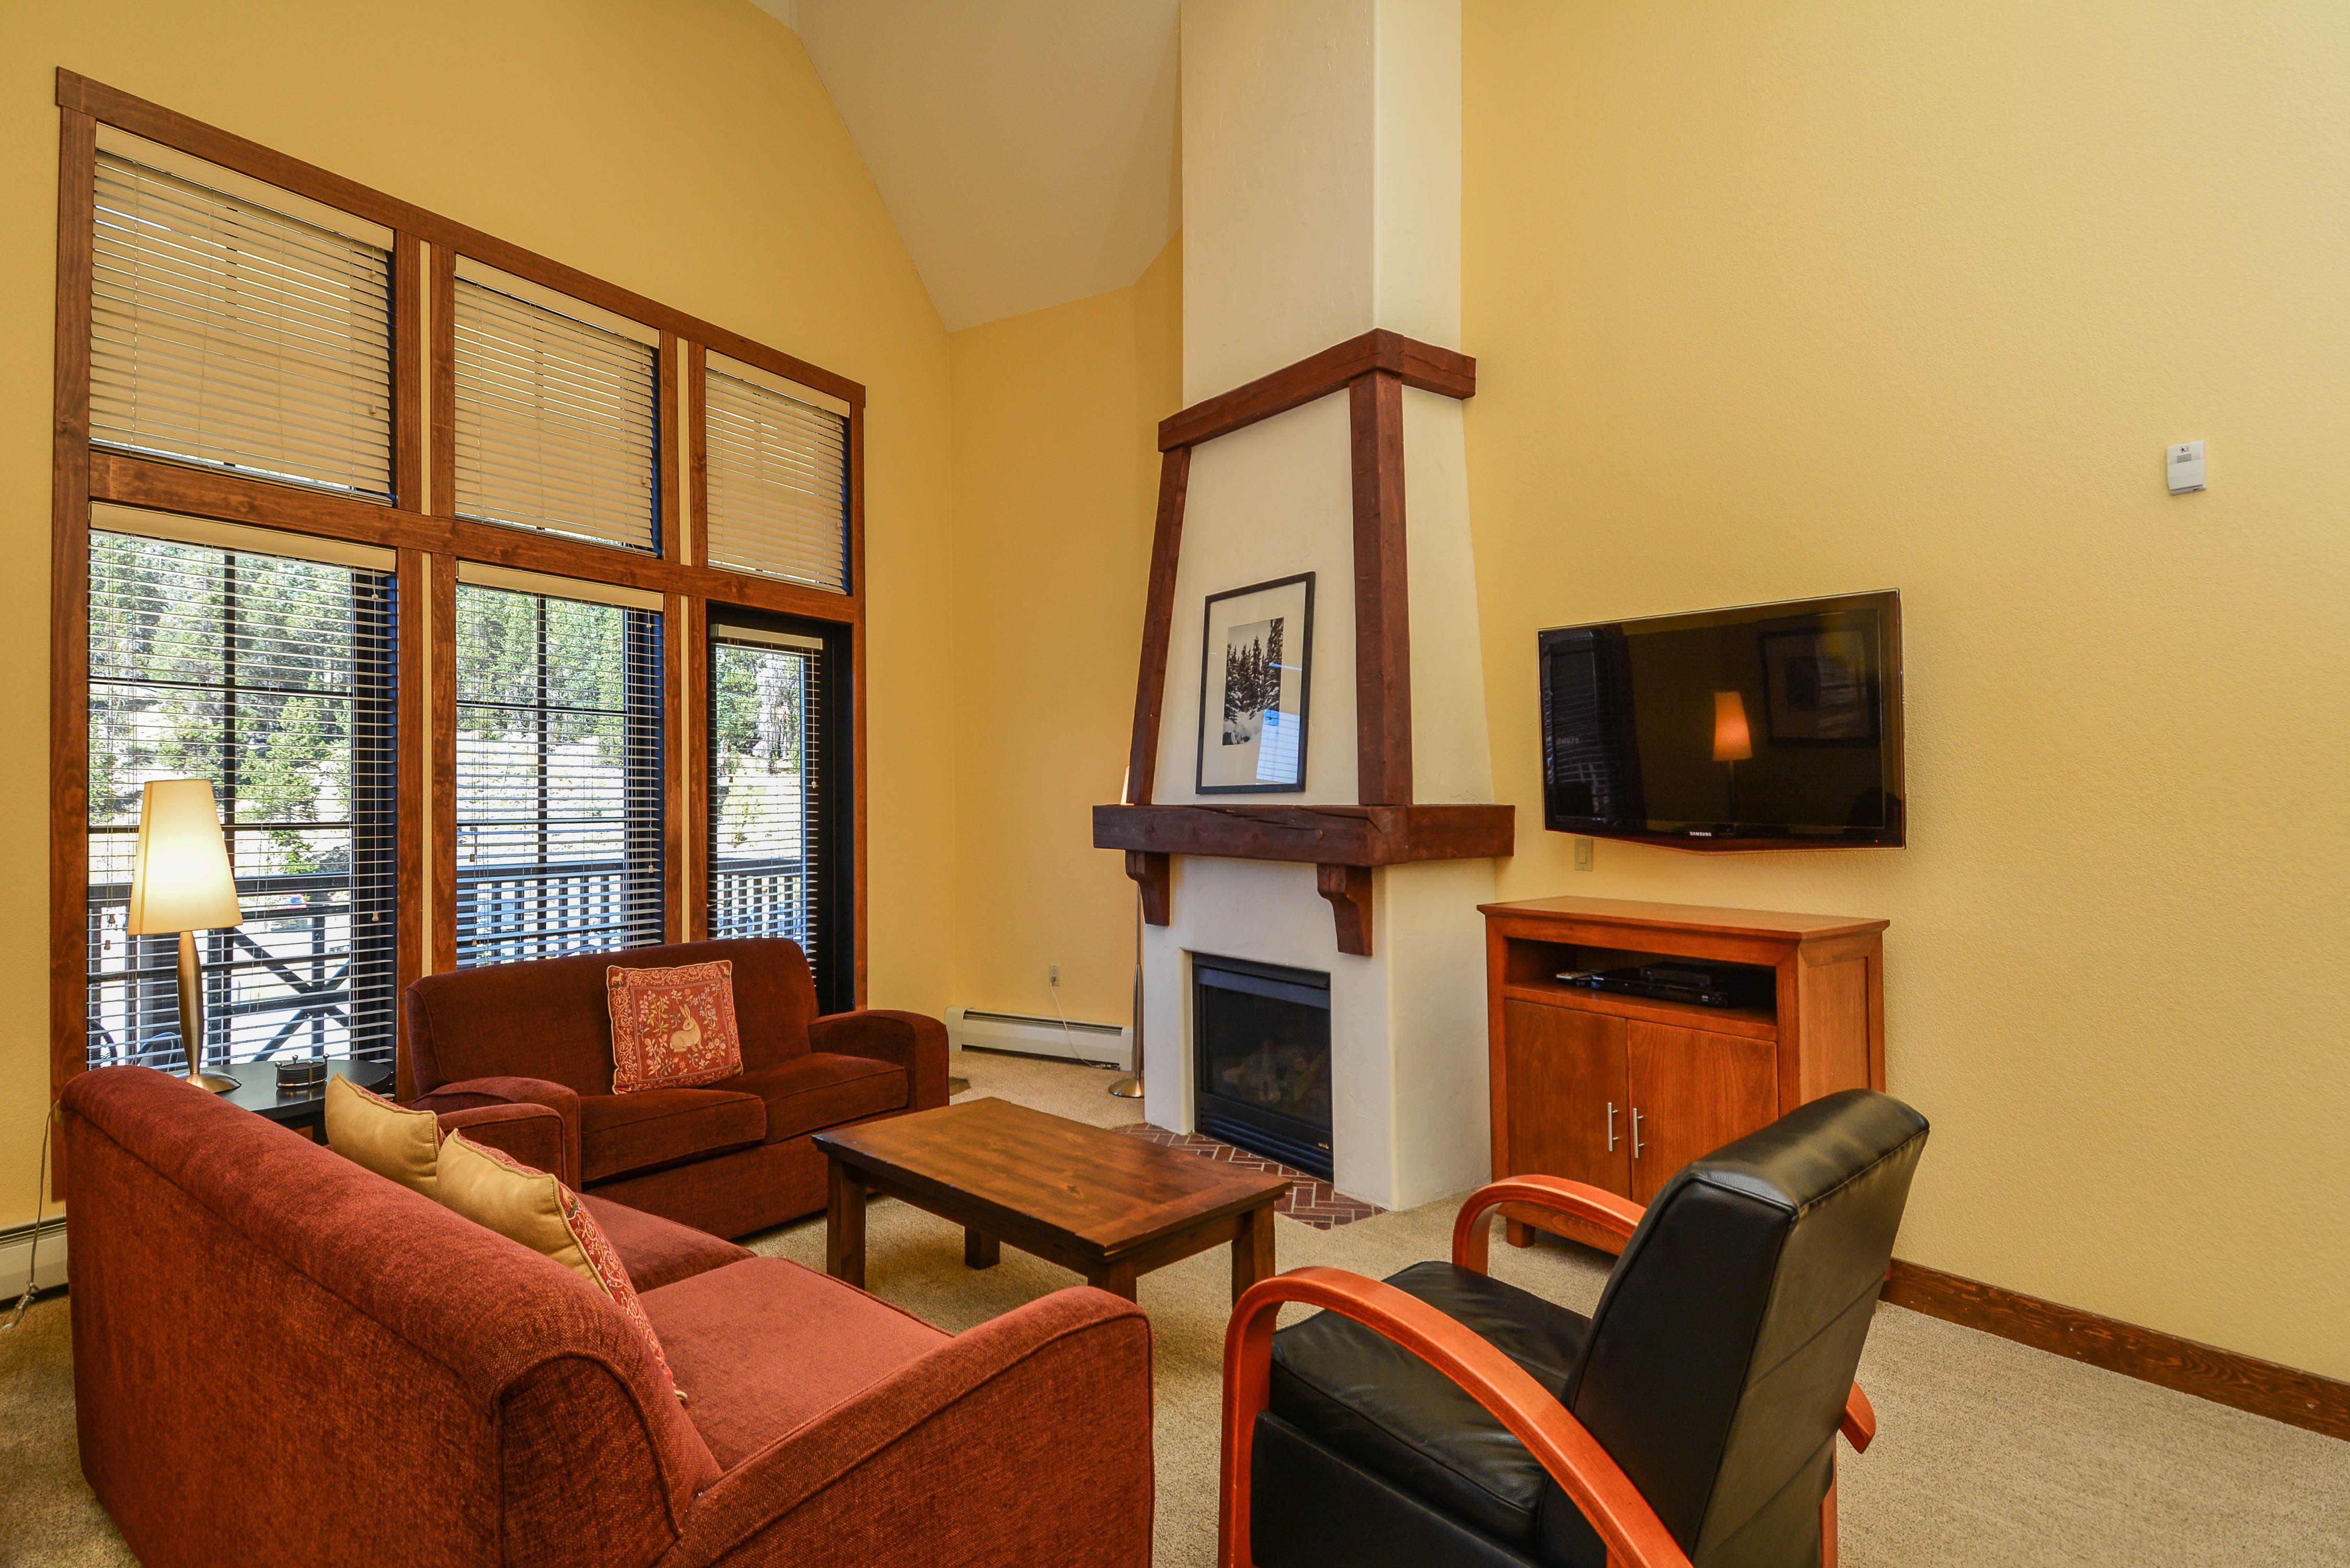 172 BEELER PLACE # 215-A COPPER MOUNTAIN, Colorado 80443